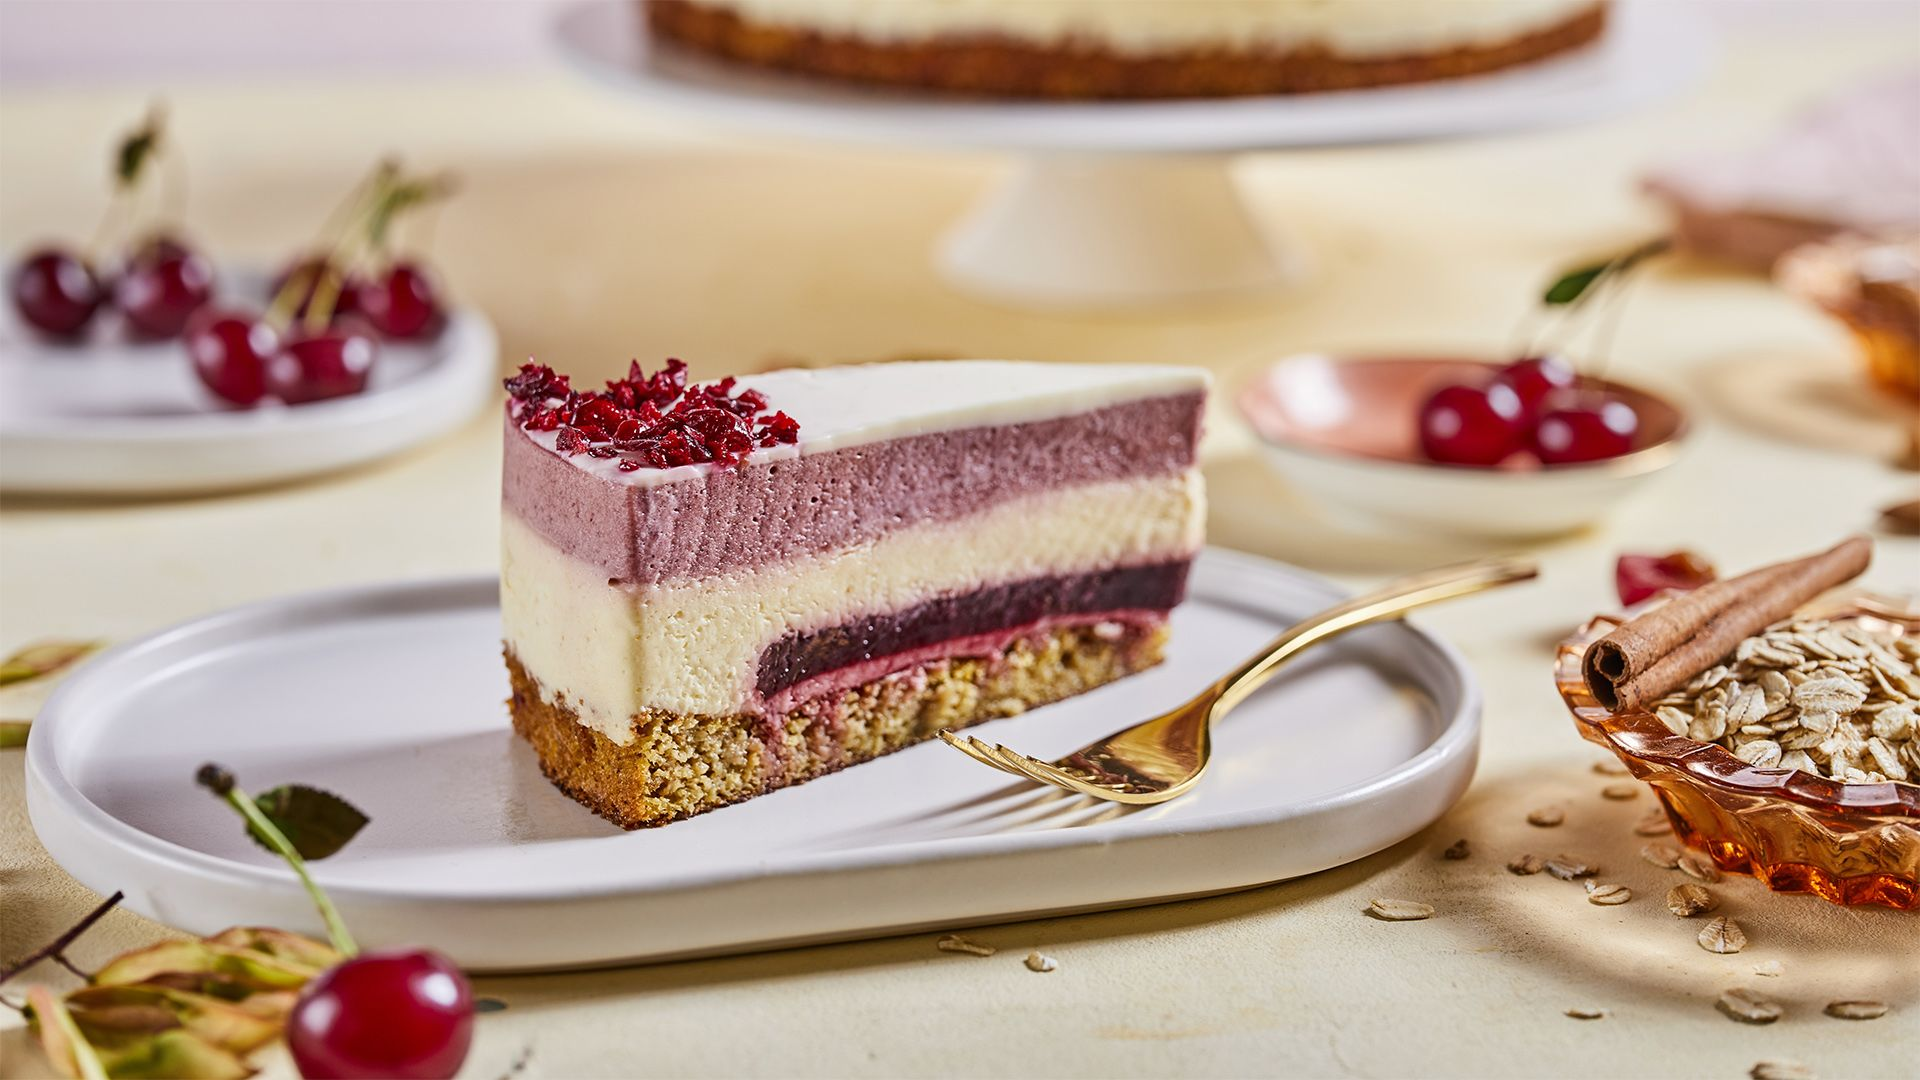 Megvan, melyik az ország tortája és az ország cukormentes tortája